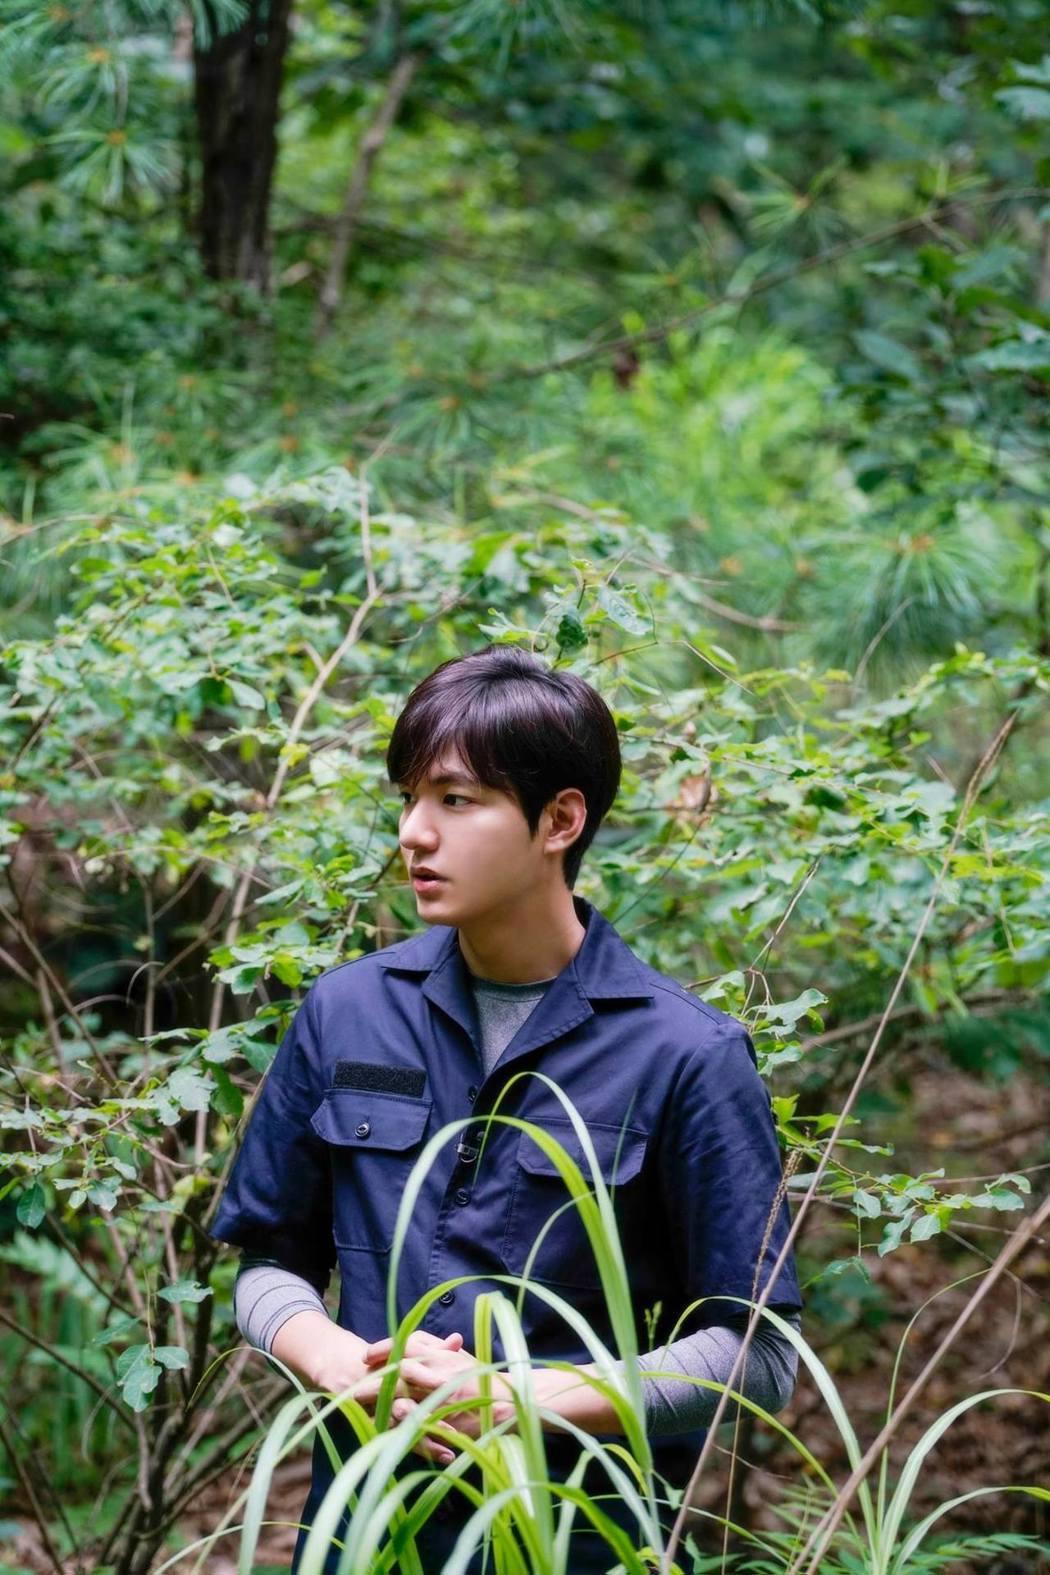 李敏鎬探訪南北韓邊境非軍事區拍攝寫真集。 圖/擷自李敏鎬臉書